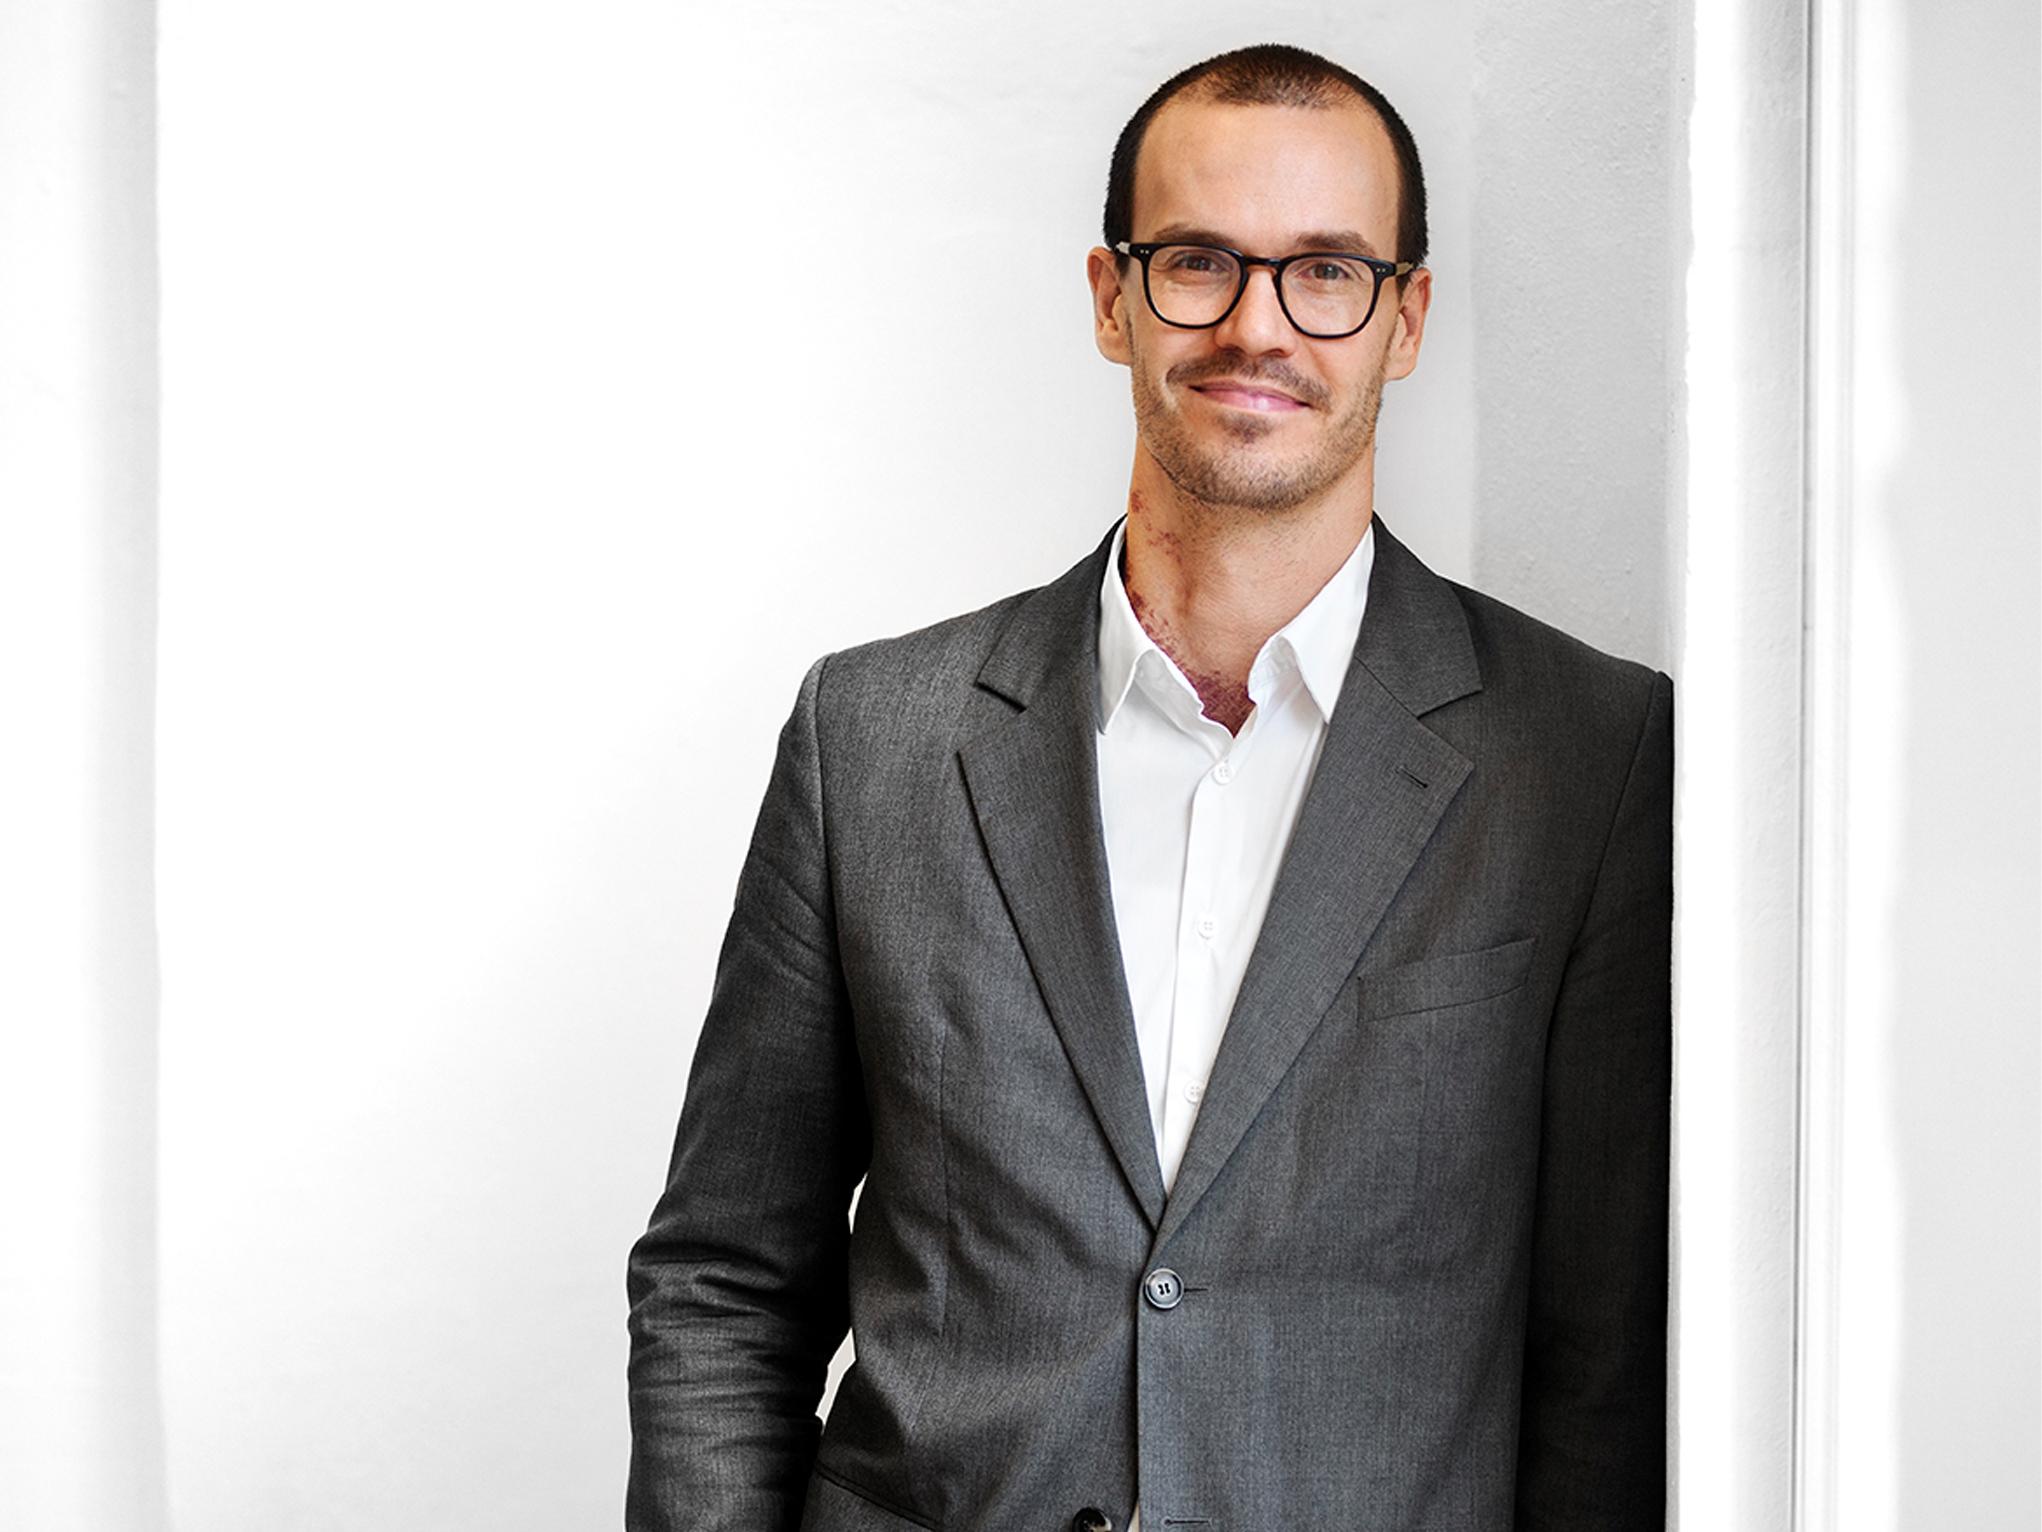 Fintech founder joins Subaio